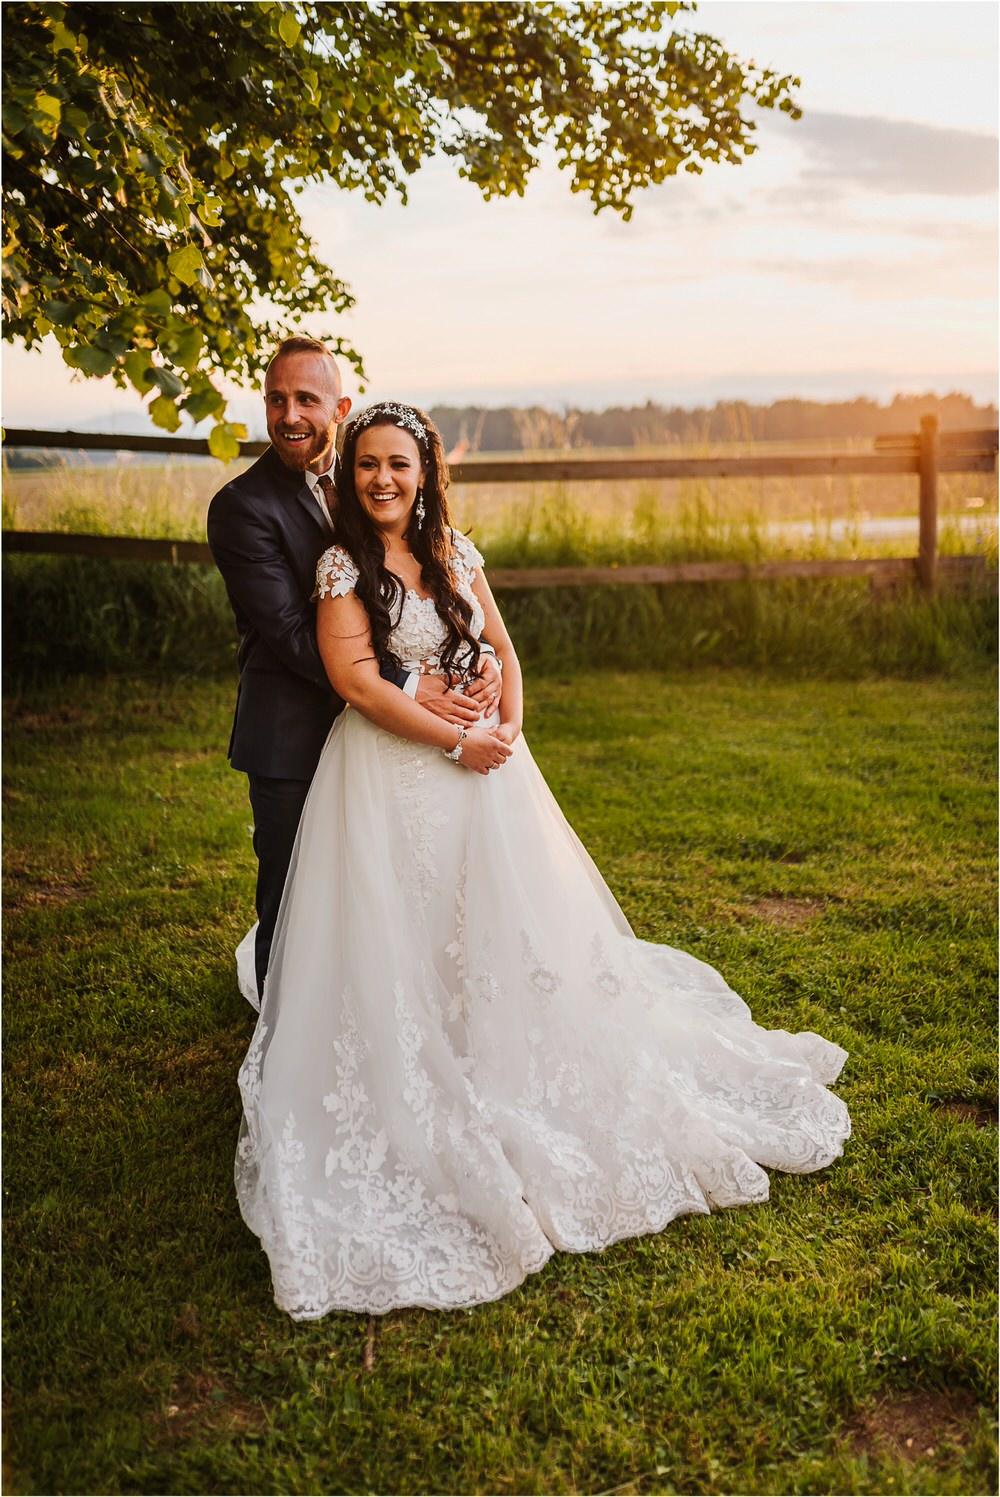 skedenj poroka porocni fotograf fotografiranje elegantna poroka rustikalna poroka pod kozolcem pcakes velesovo mdetail nika grega 0107.jpg